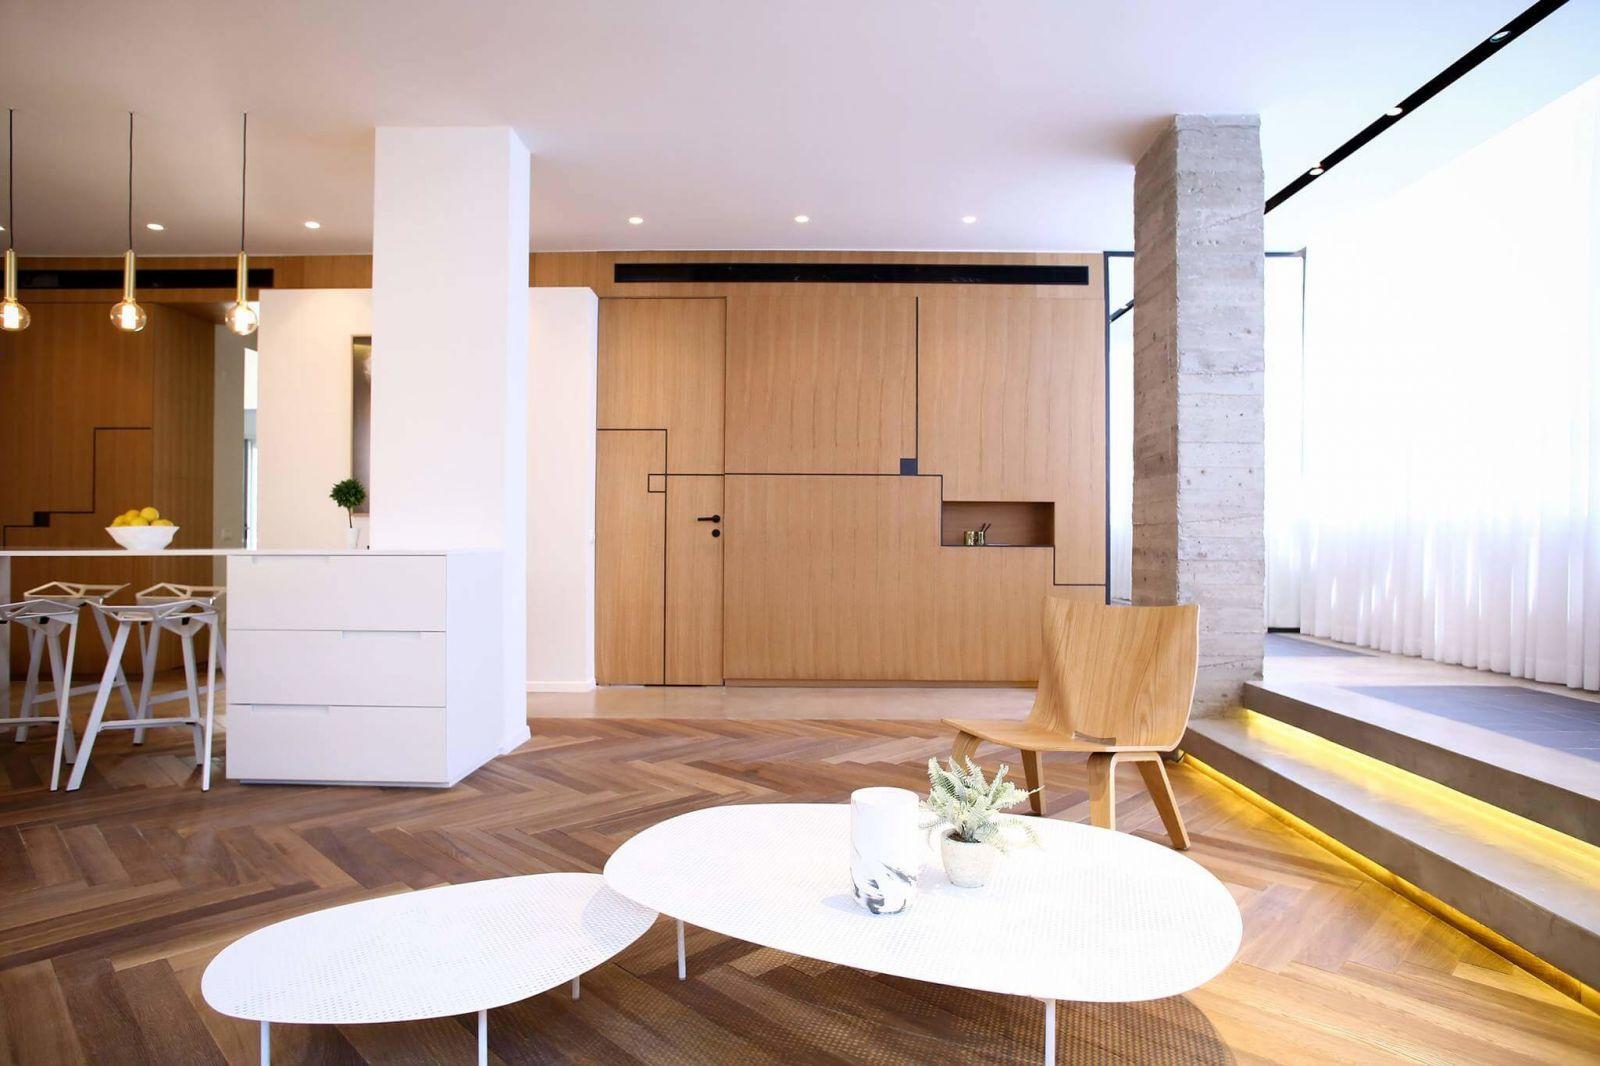 Классический деревянный паркет выложенный традиционным способом в виде«елочки» эффектно контрастирует с современной мебелью, а также геометрическимиэлементами, которые присутствуют в оформлении